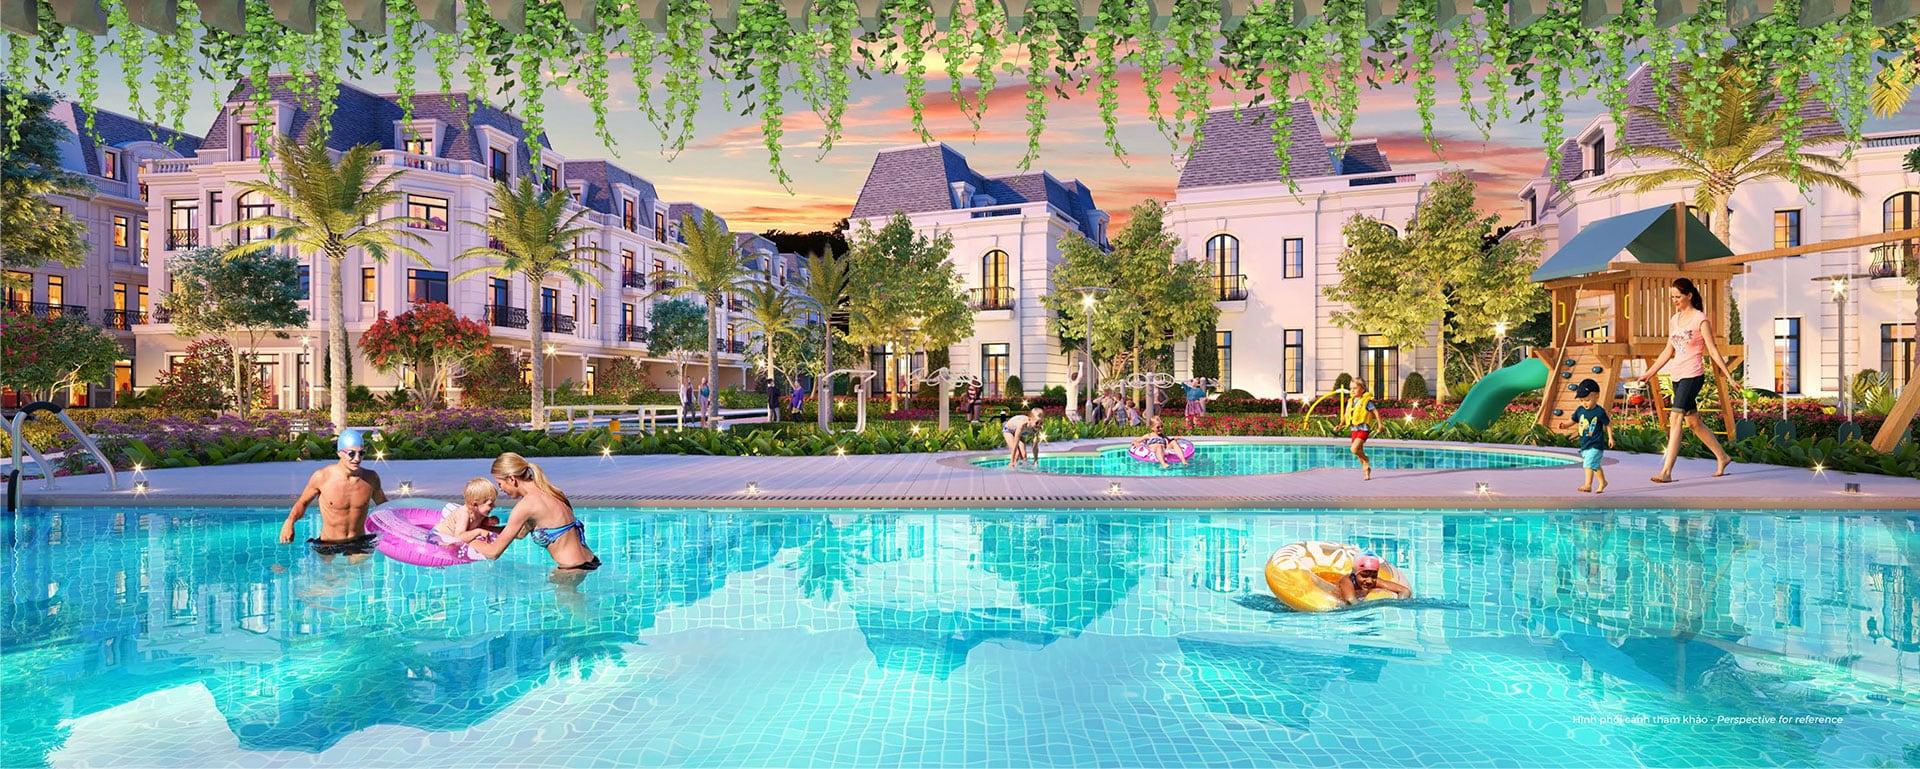 Tiện ích hồ bơi tại Amelie Villa Phú Mỹ Hưng